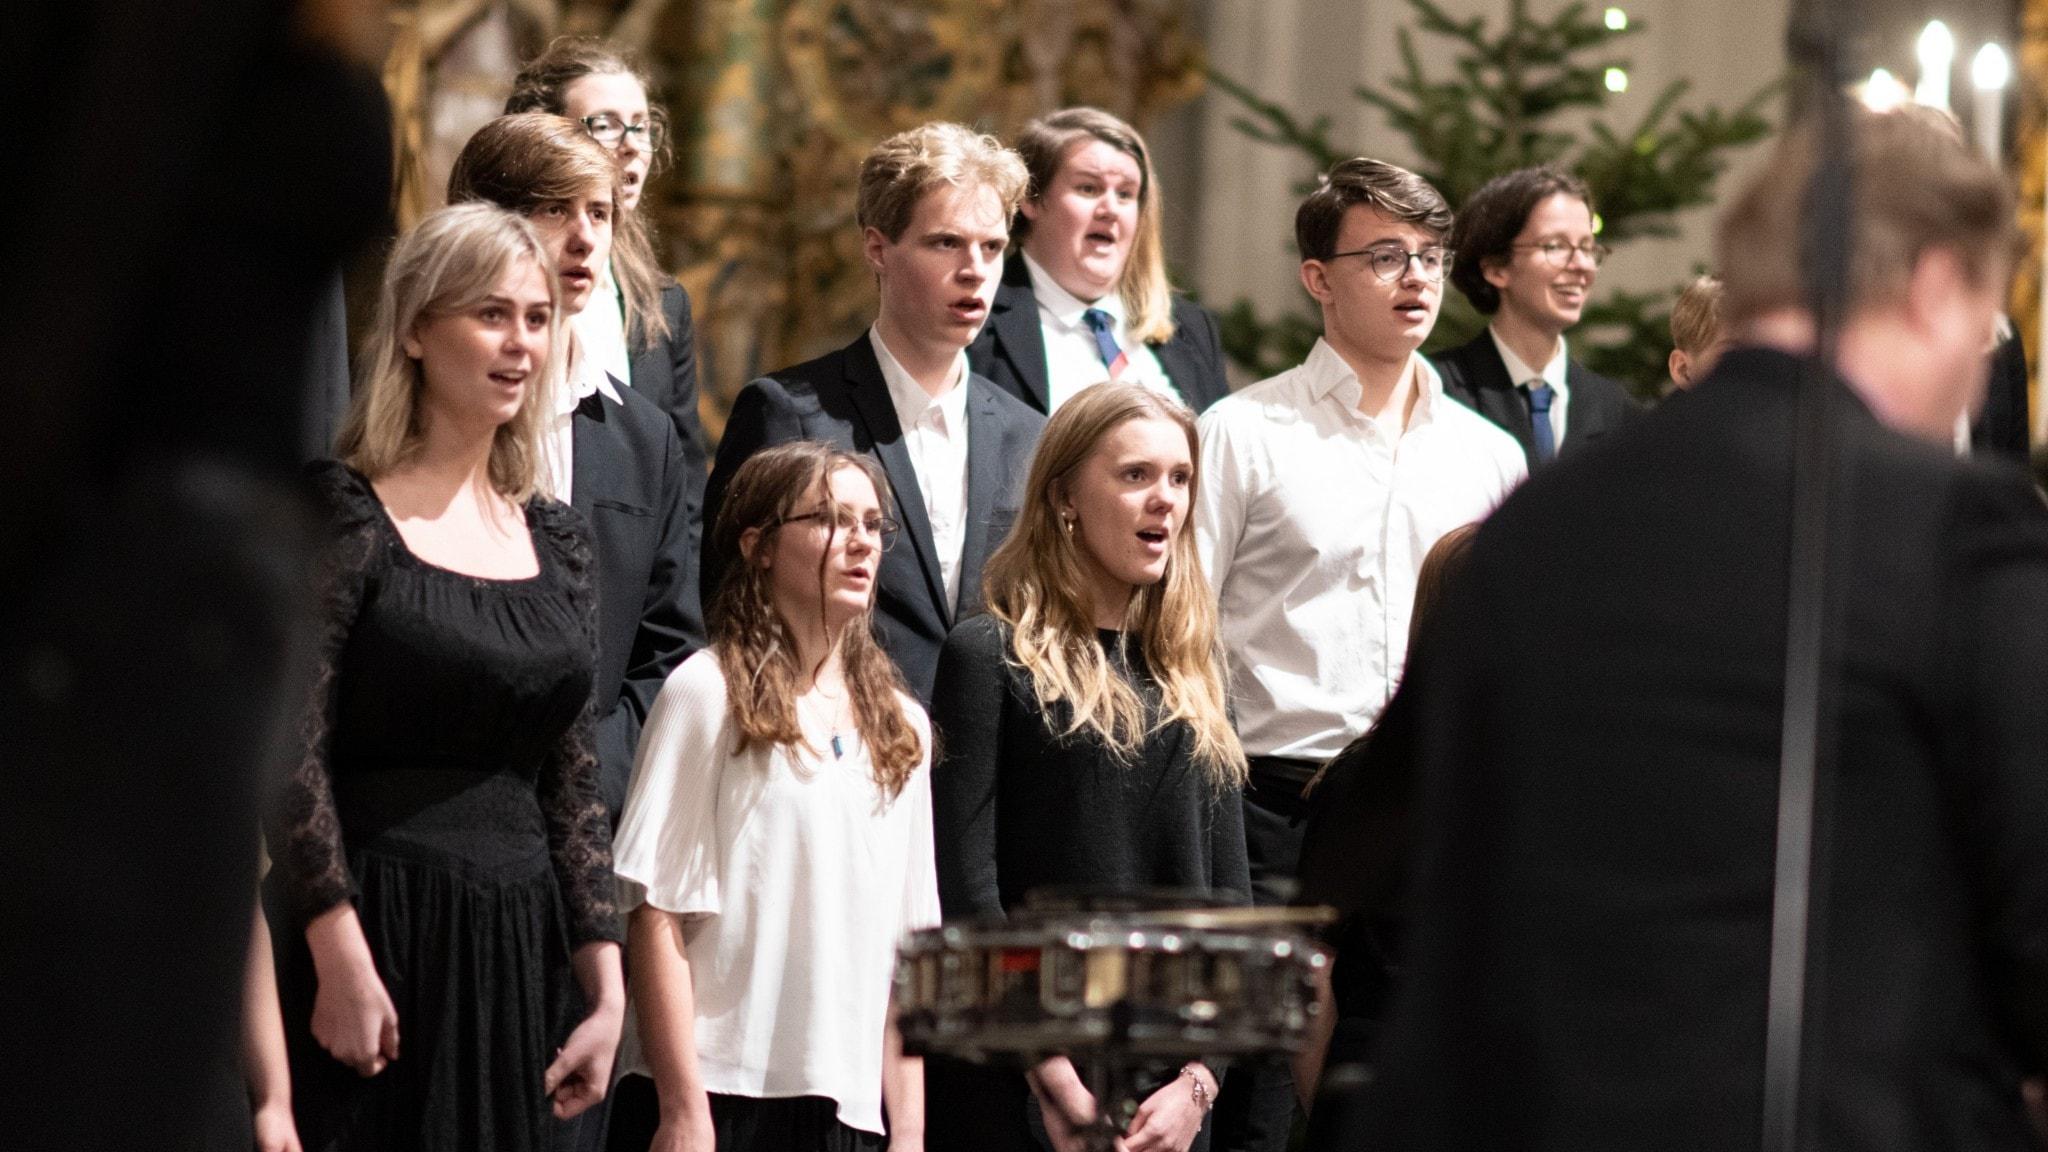 Julkonsert med körer i S:t Petri kyrka i Malmö